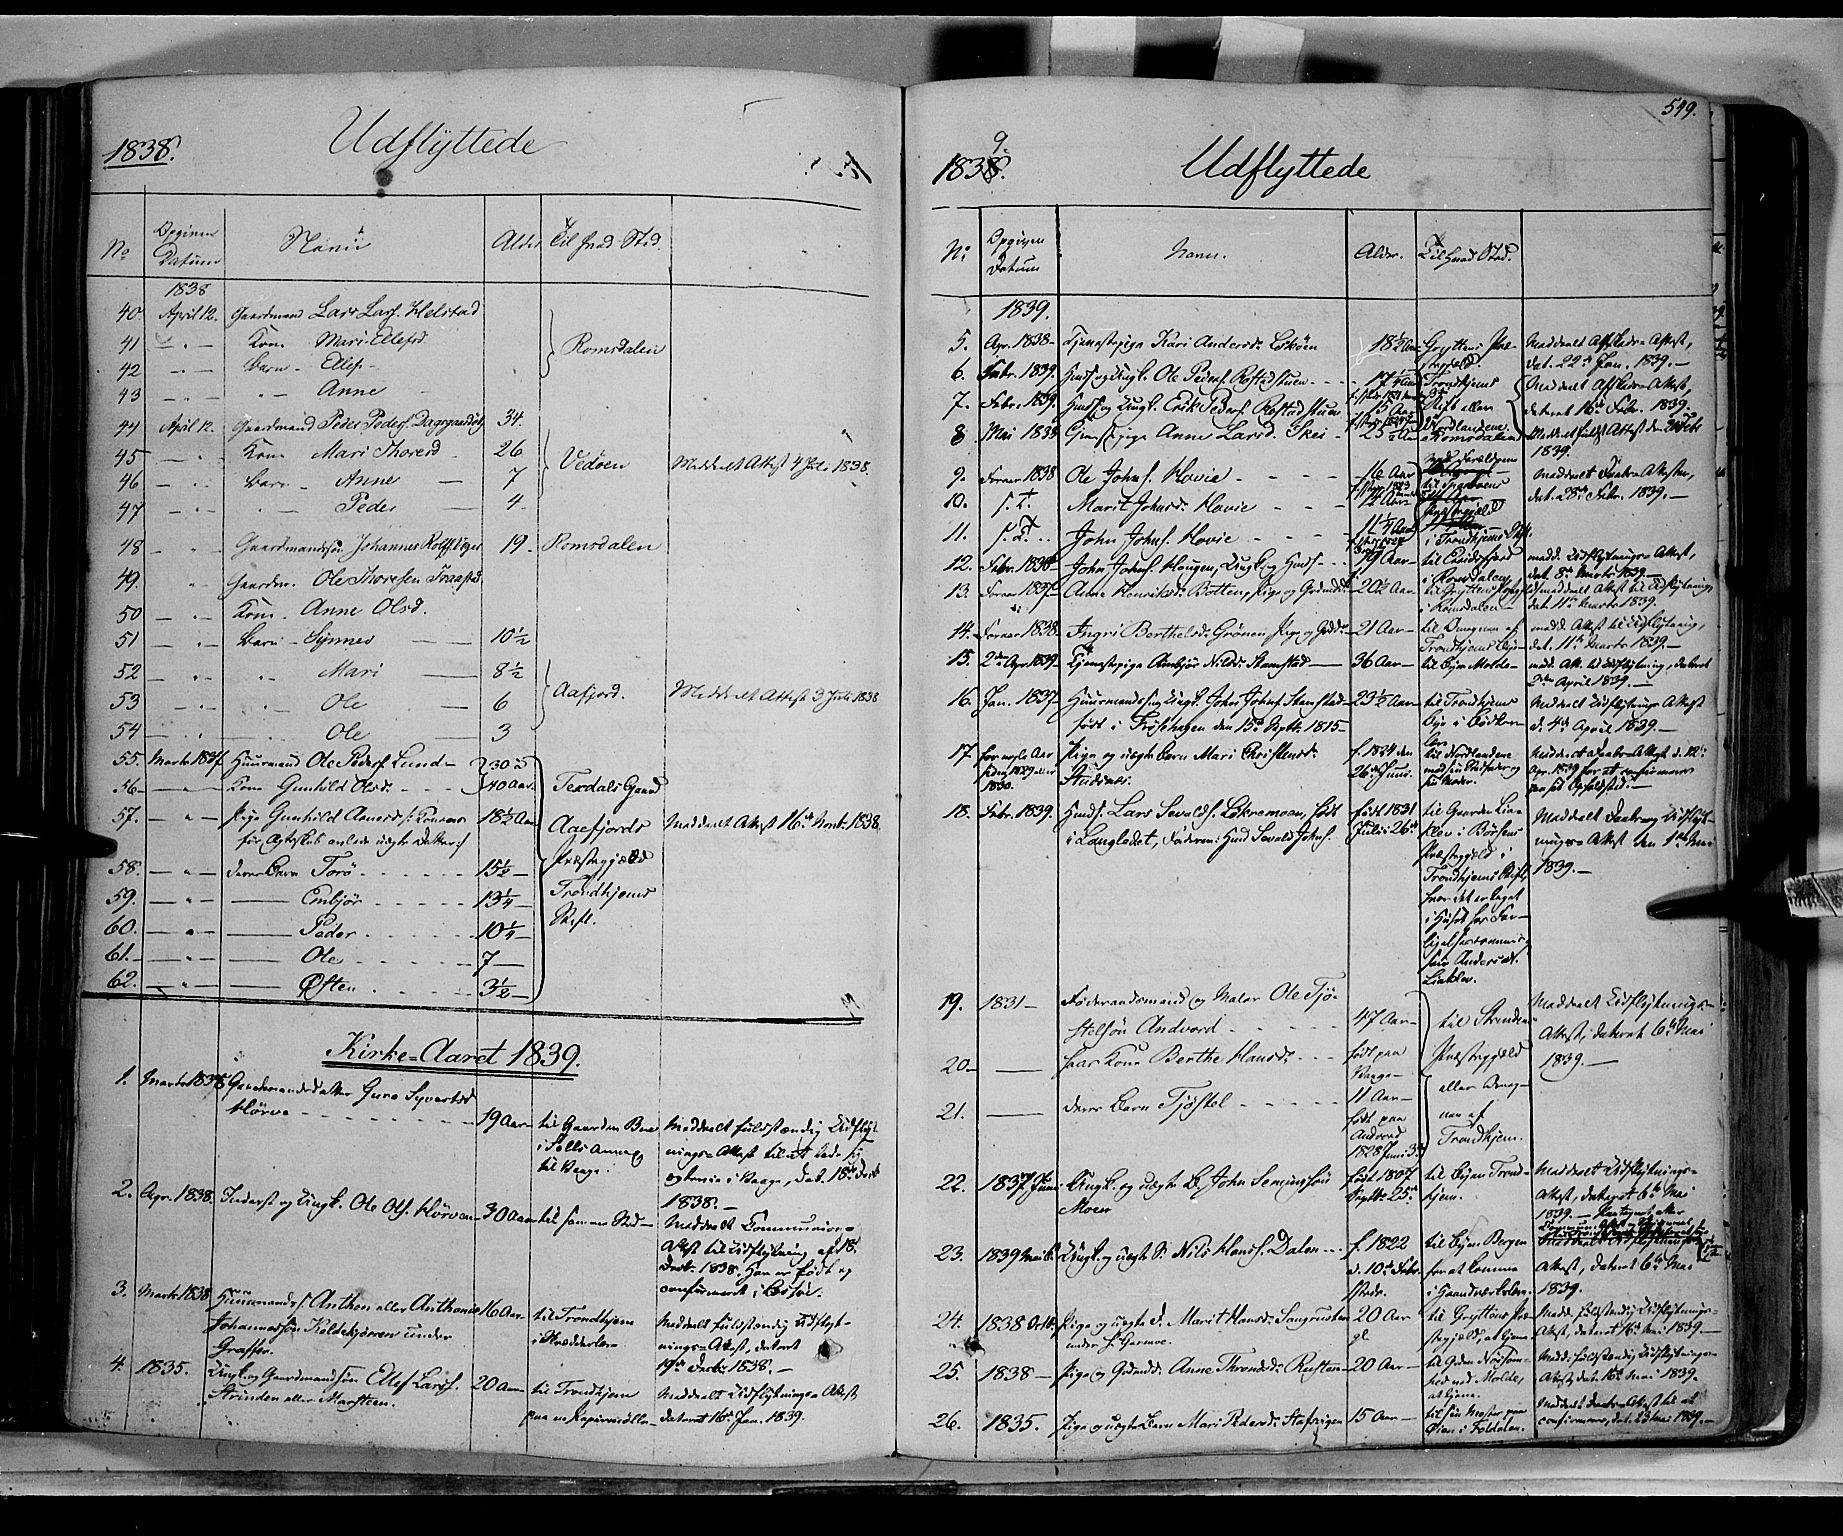 SAH, Lom prestekontor, K/L0006: Ministerialbok nr. 6B, 1837-1863, s. 549